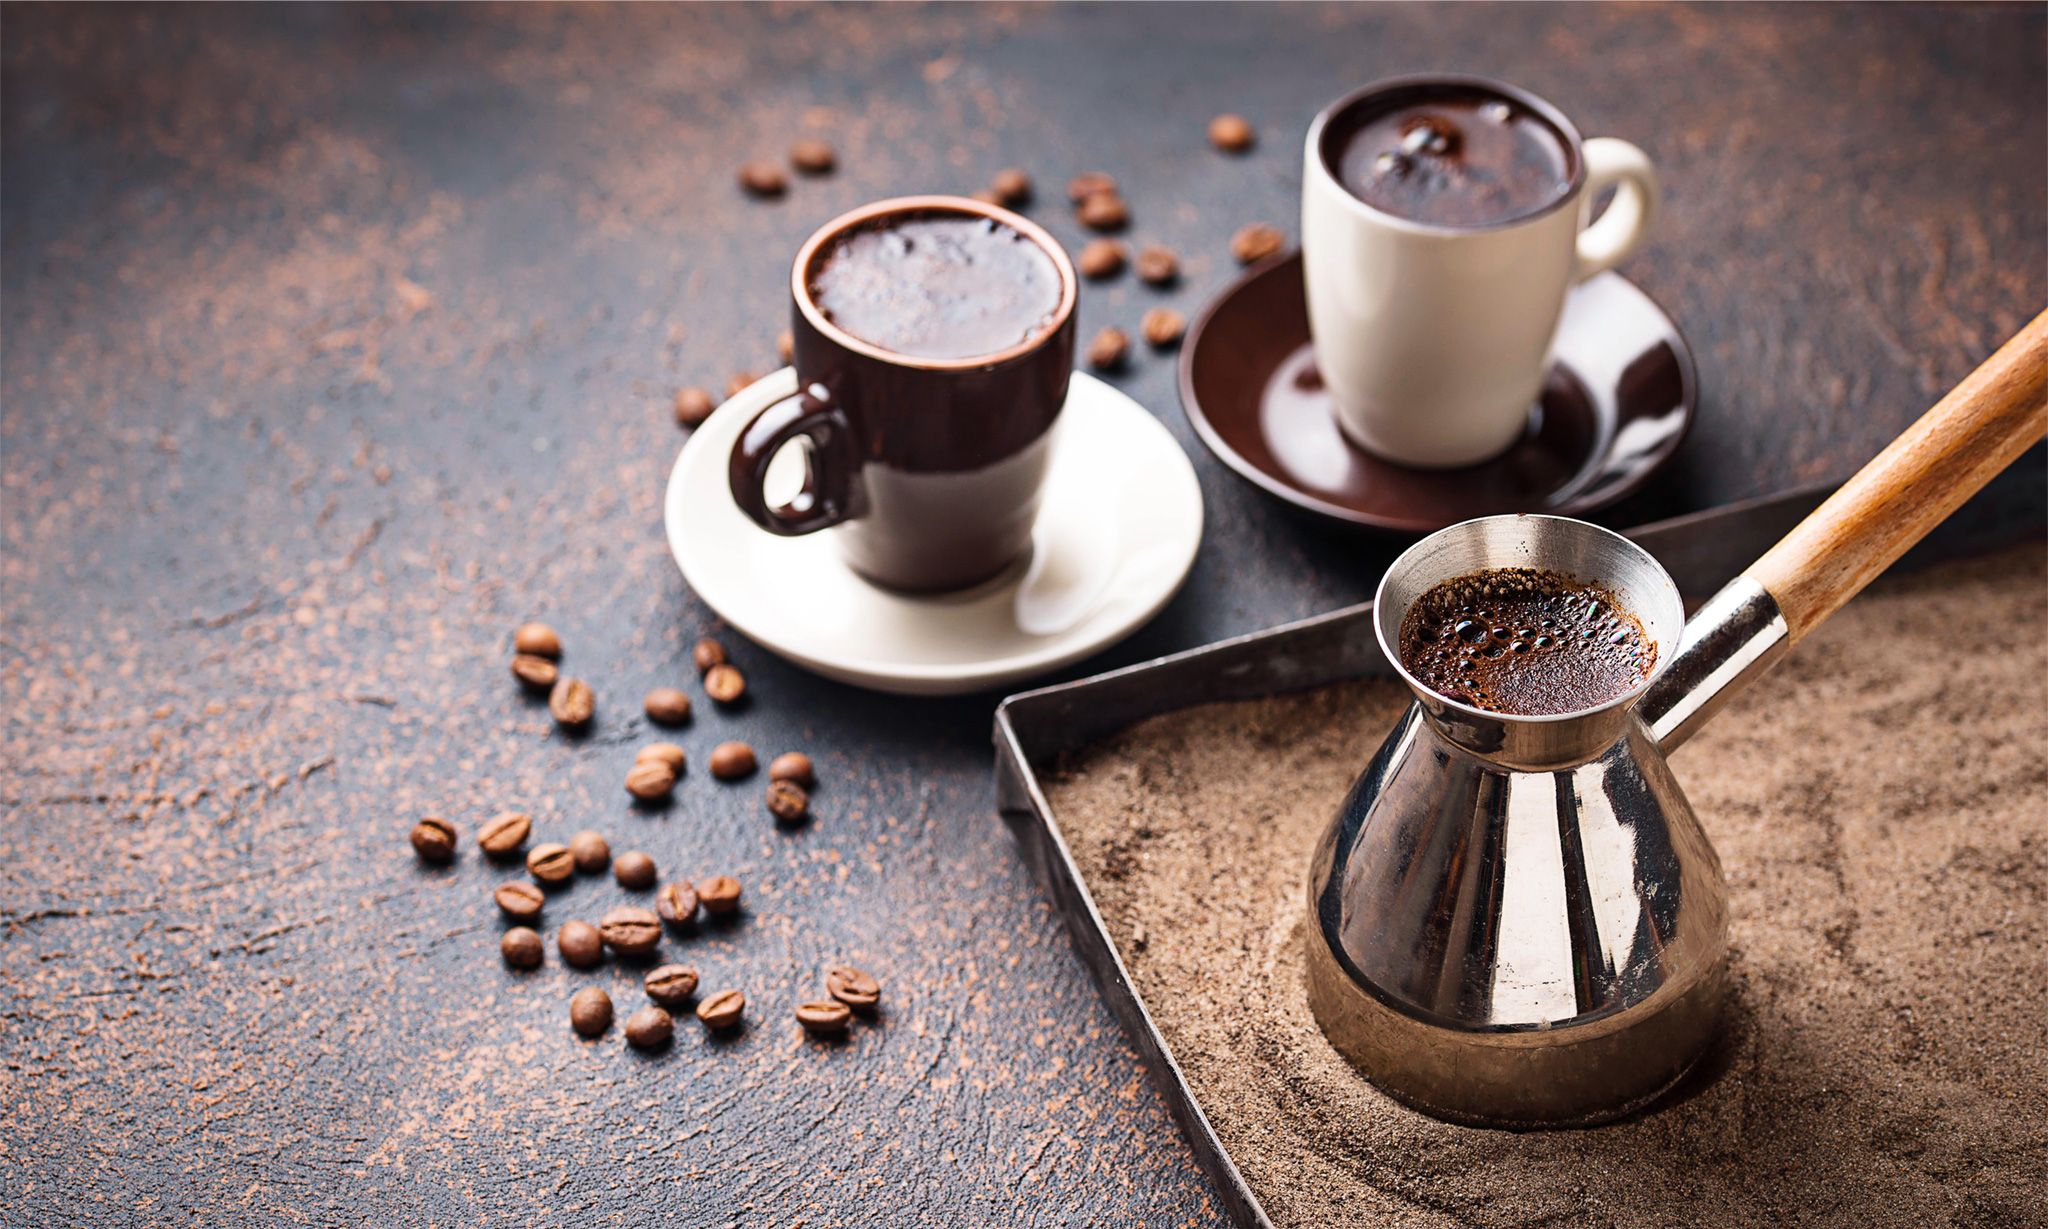 Кофе «Бео Хиве»